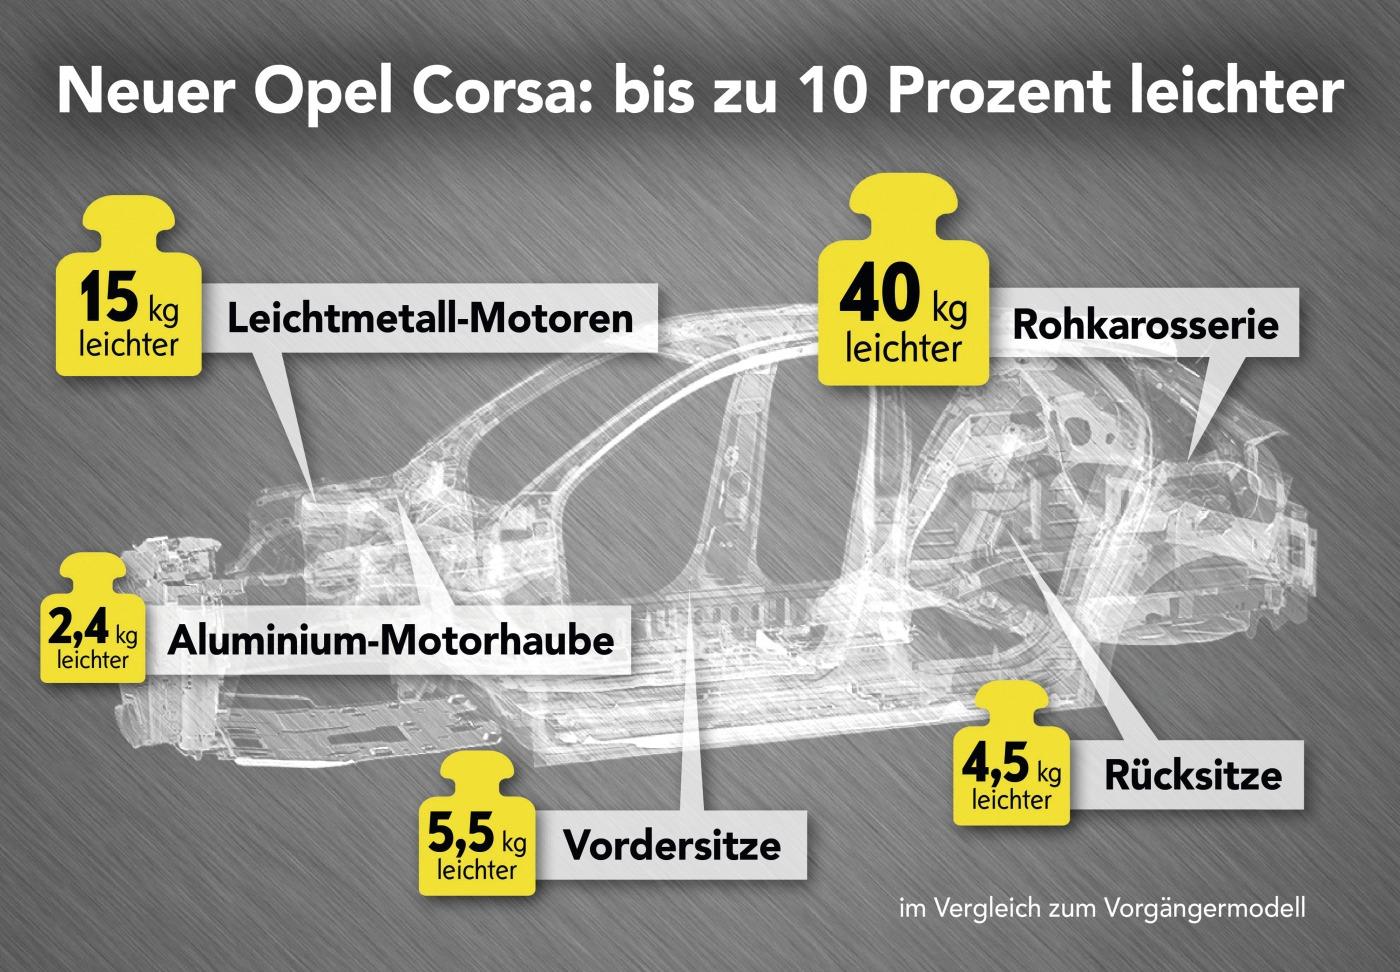 Gewichtsreduzierung beim neuen Opel Corsa